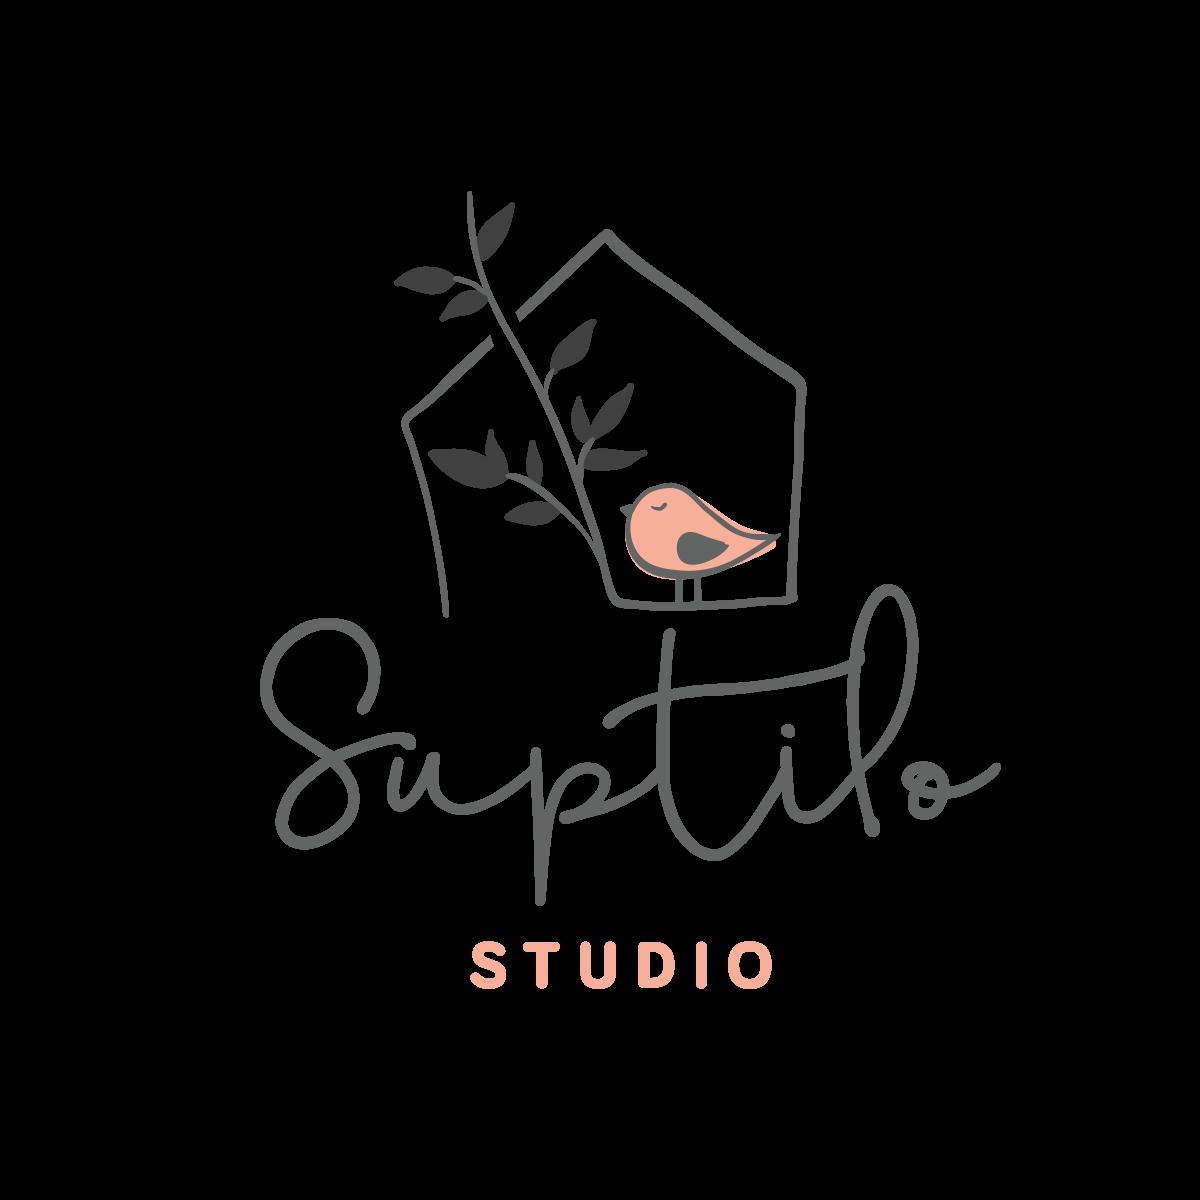 Logo design for architectural studio